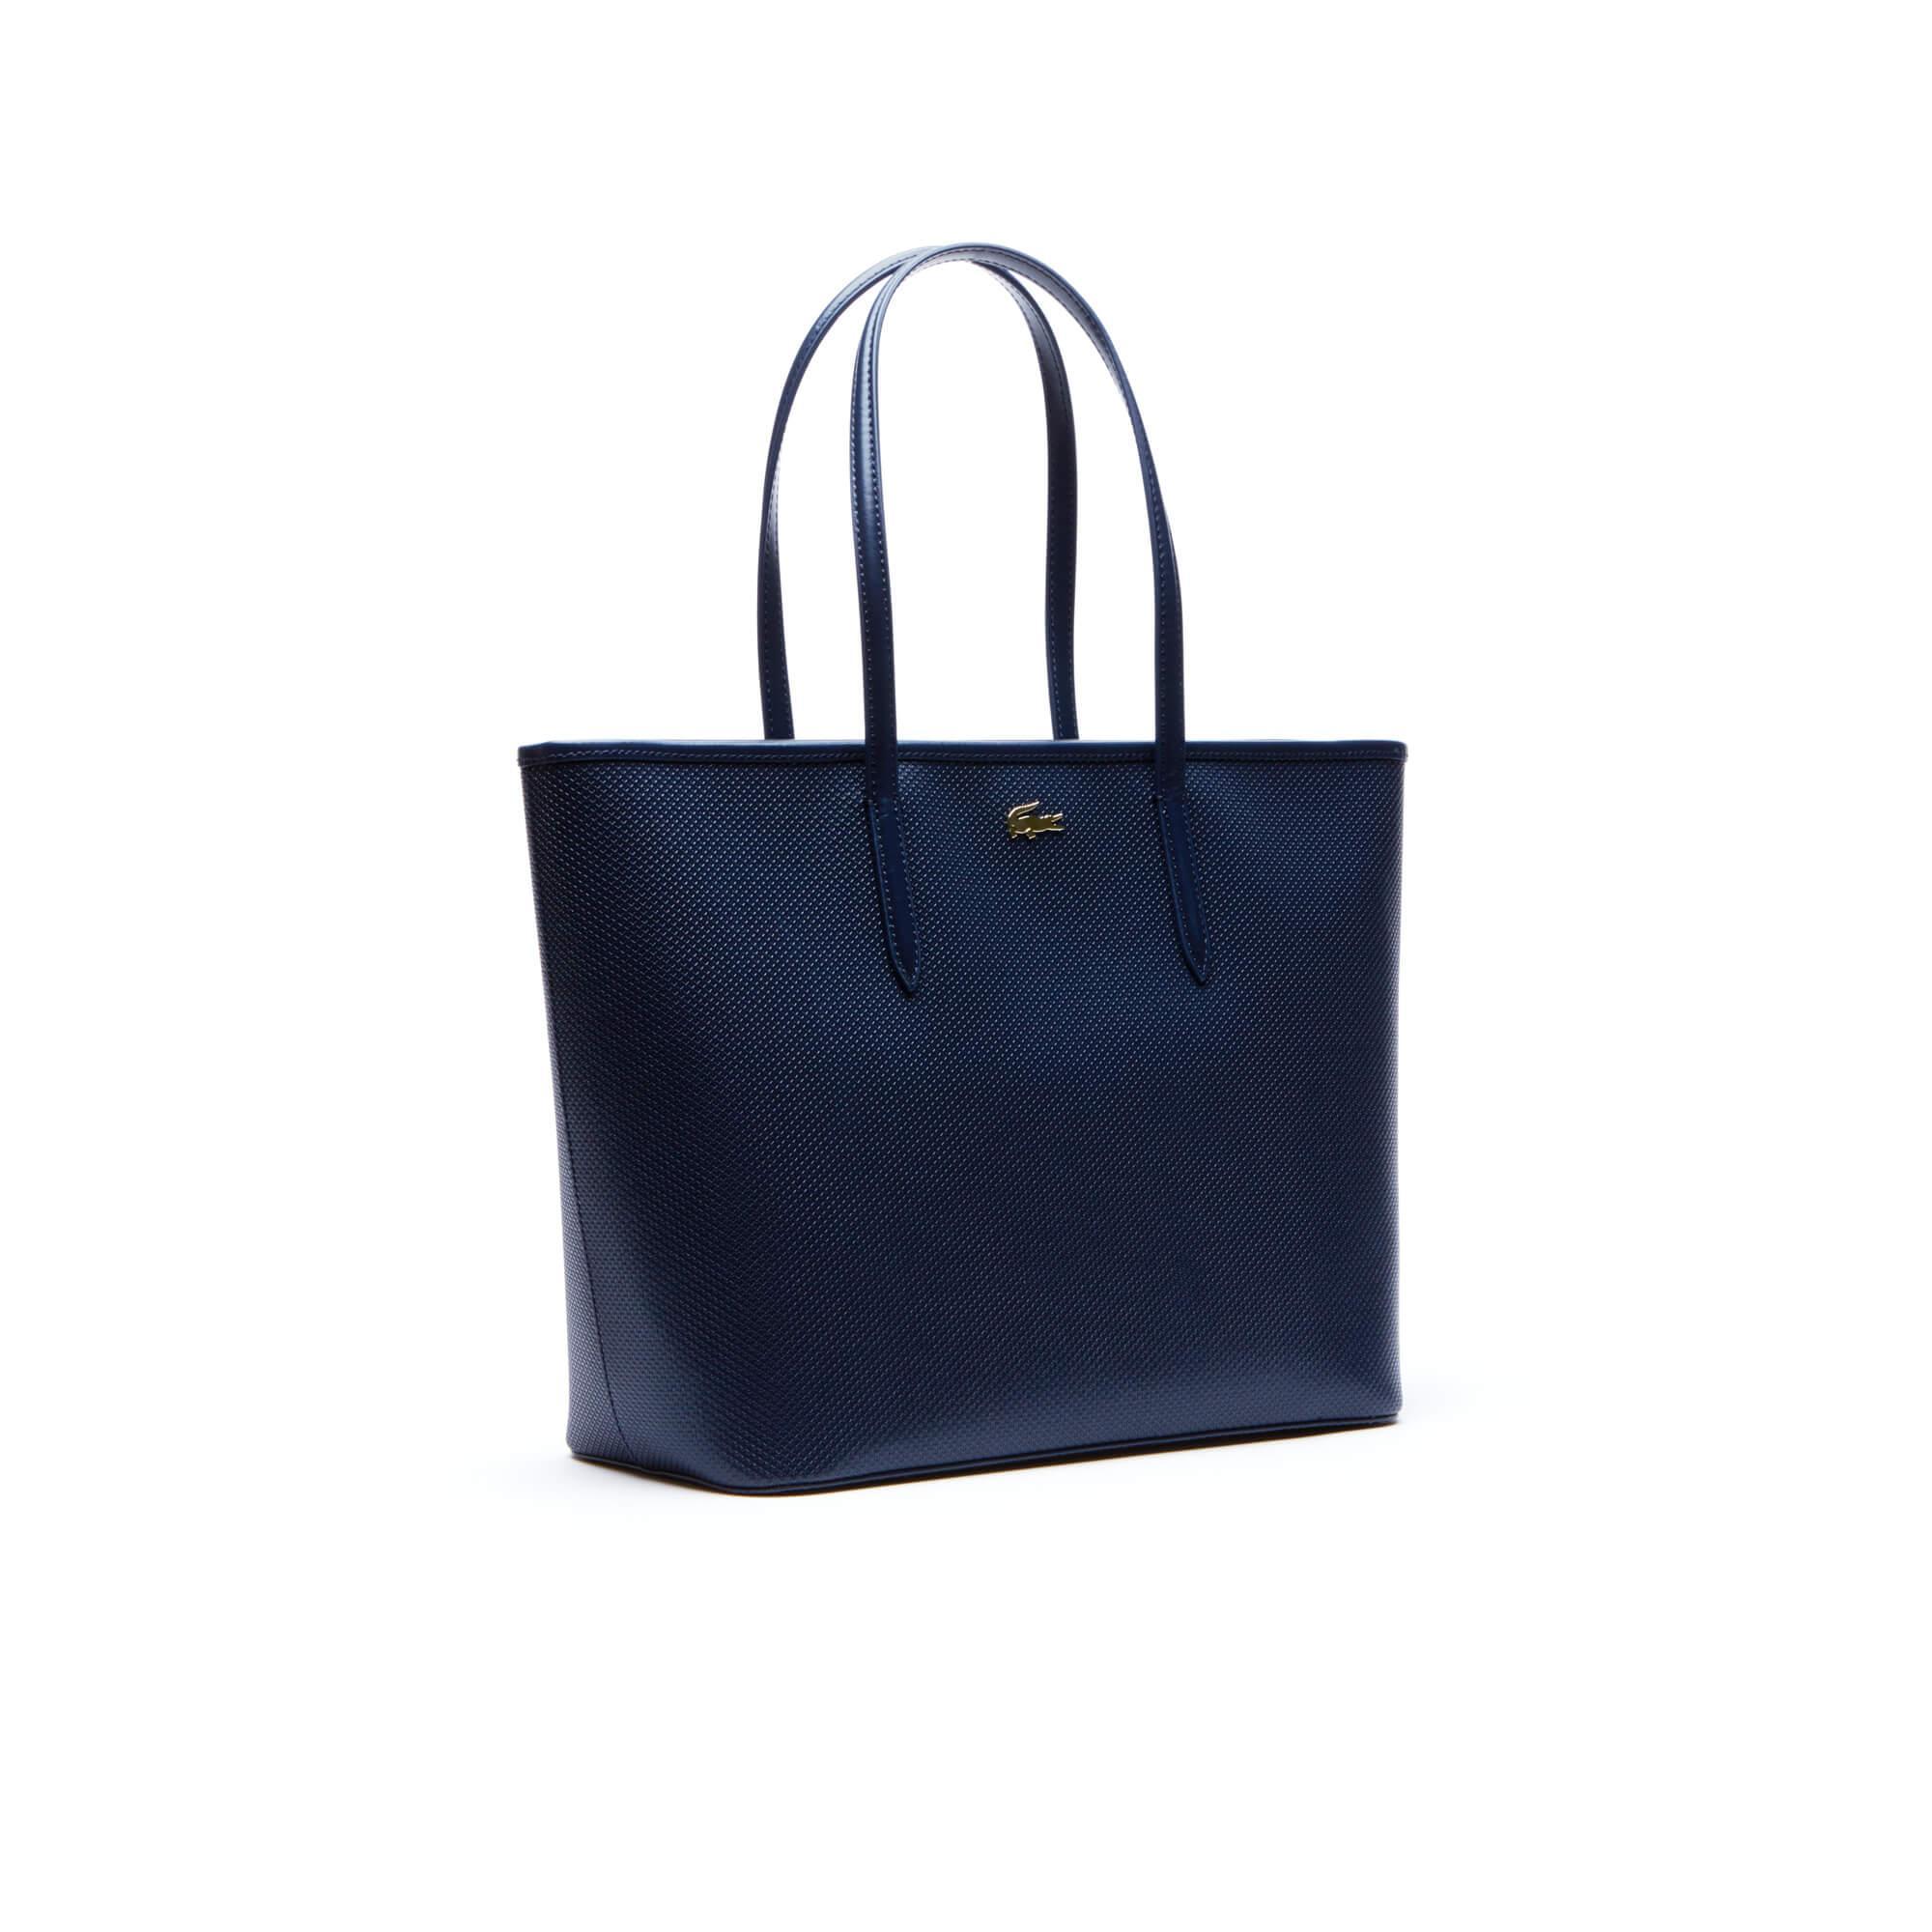 a97b8b41ea770 Lacoste Women's Bag NF2335CE 021   lacoste.pl   Zakupy Online